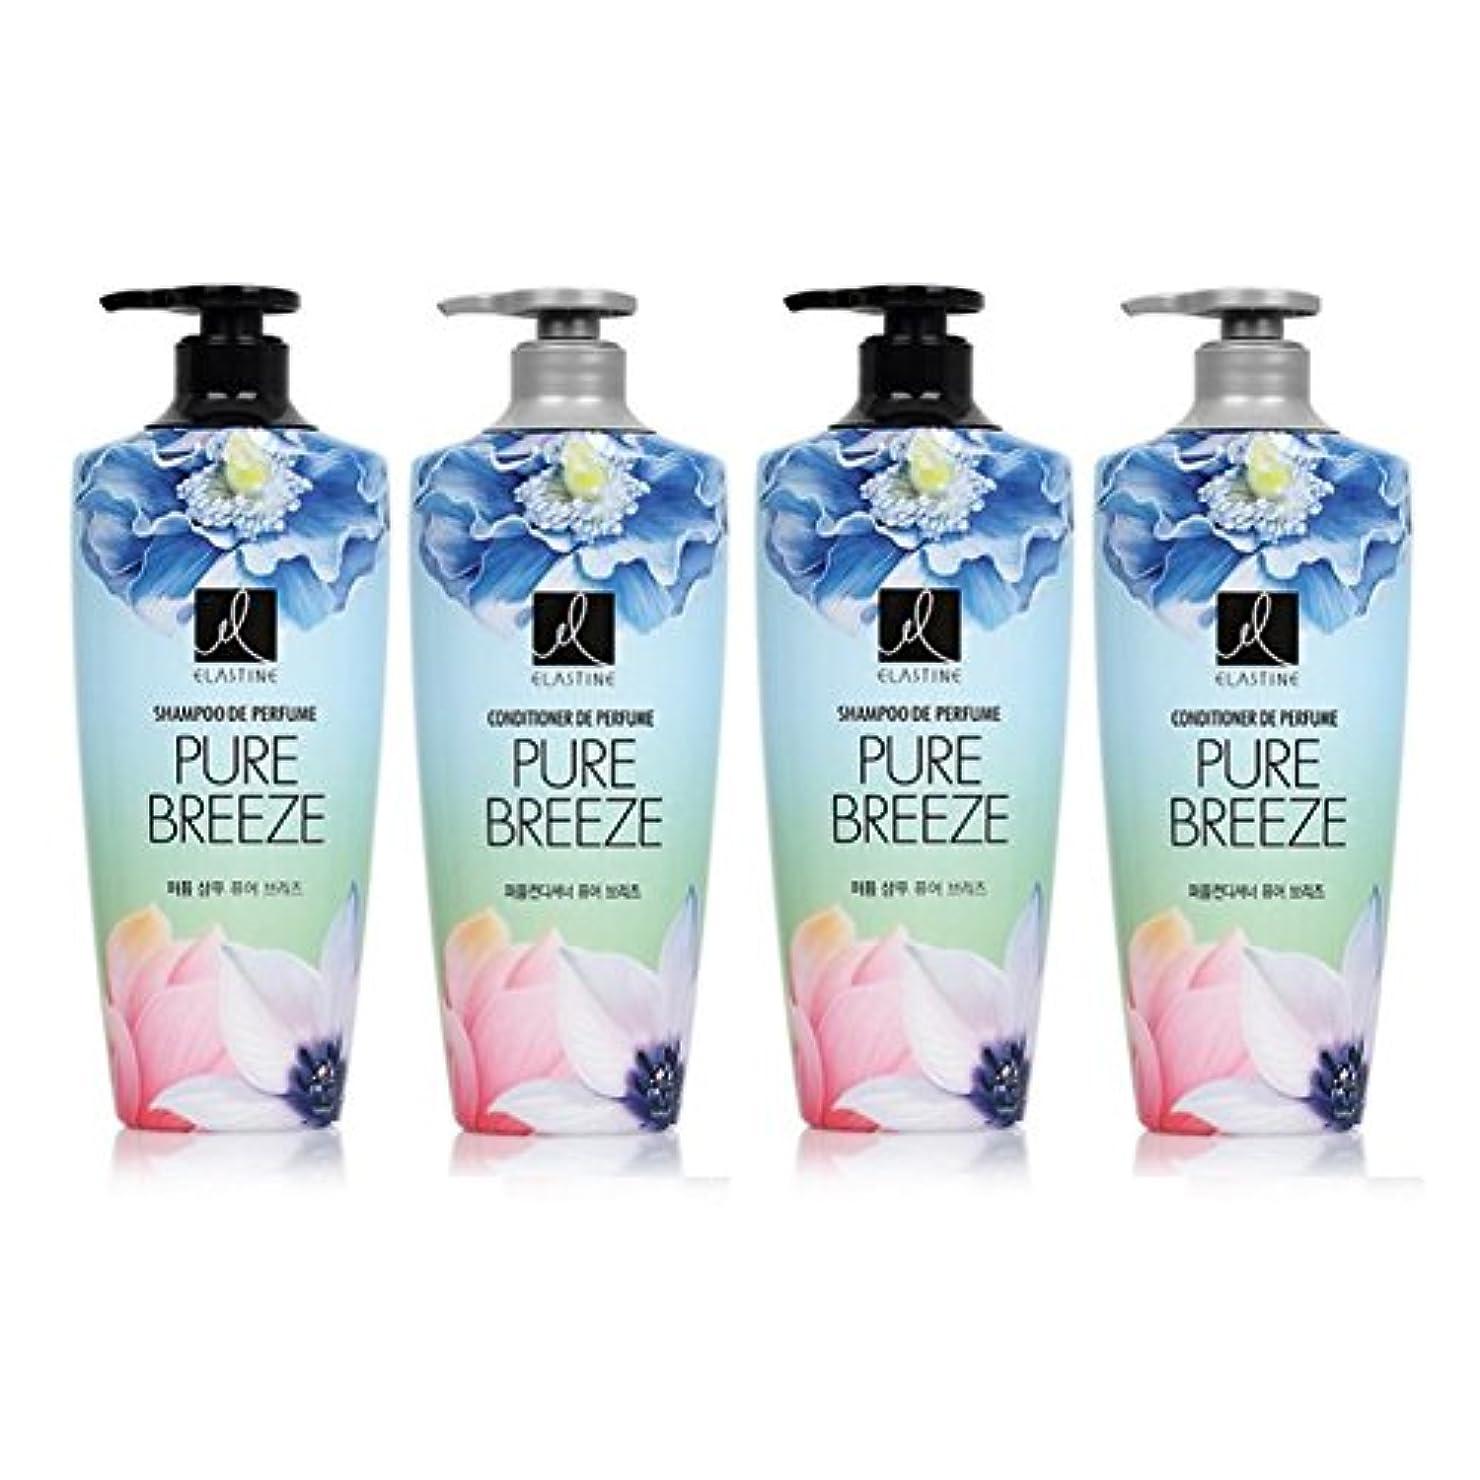 チョコレートトランク拾う[エラスティン] Elastine Perfume PURE BREEZE 4本 セット / シャンプー(600ml) + コンディショナー(600ml) / パフュームピュアブリーズ [並行輸入品] (シャンプー 2本...